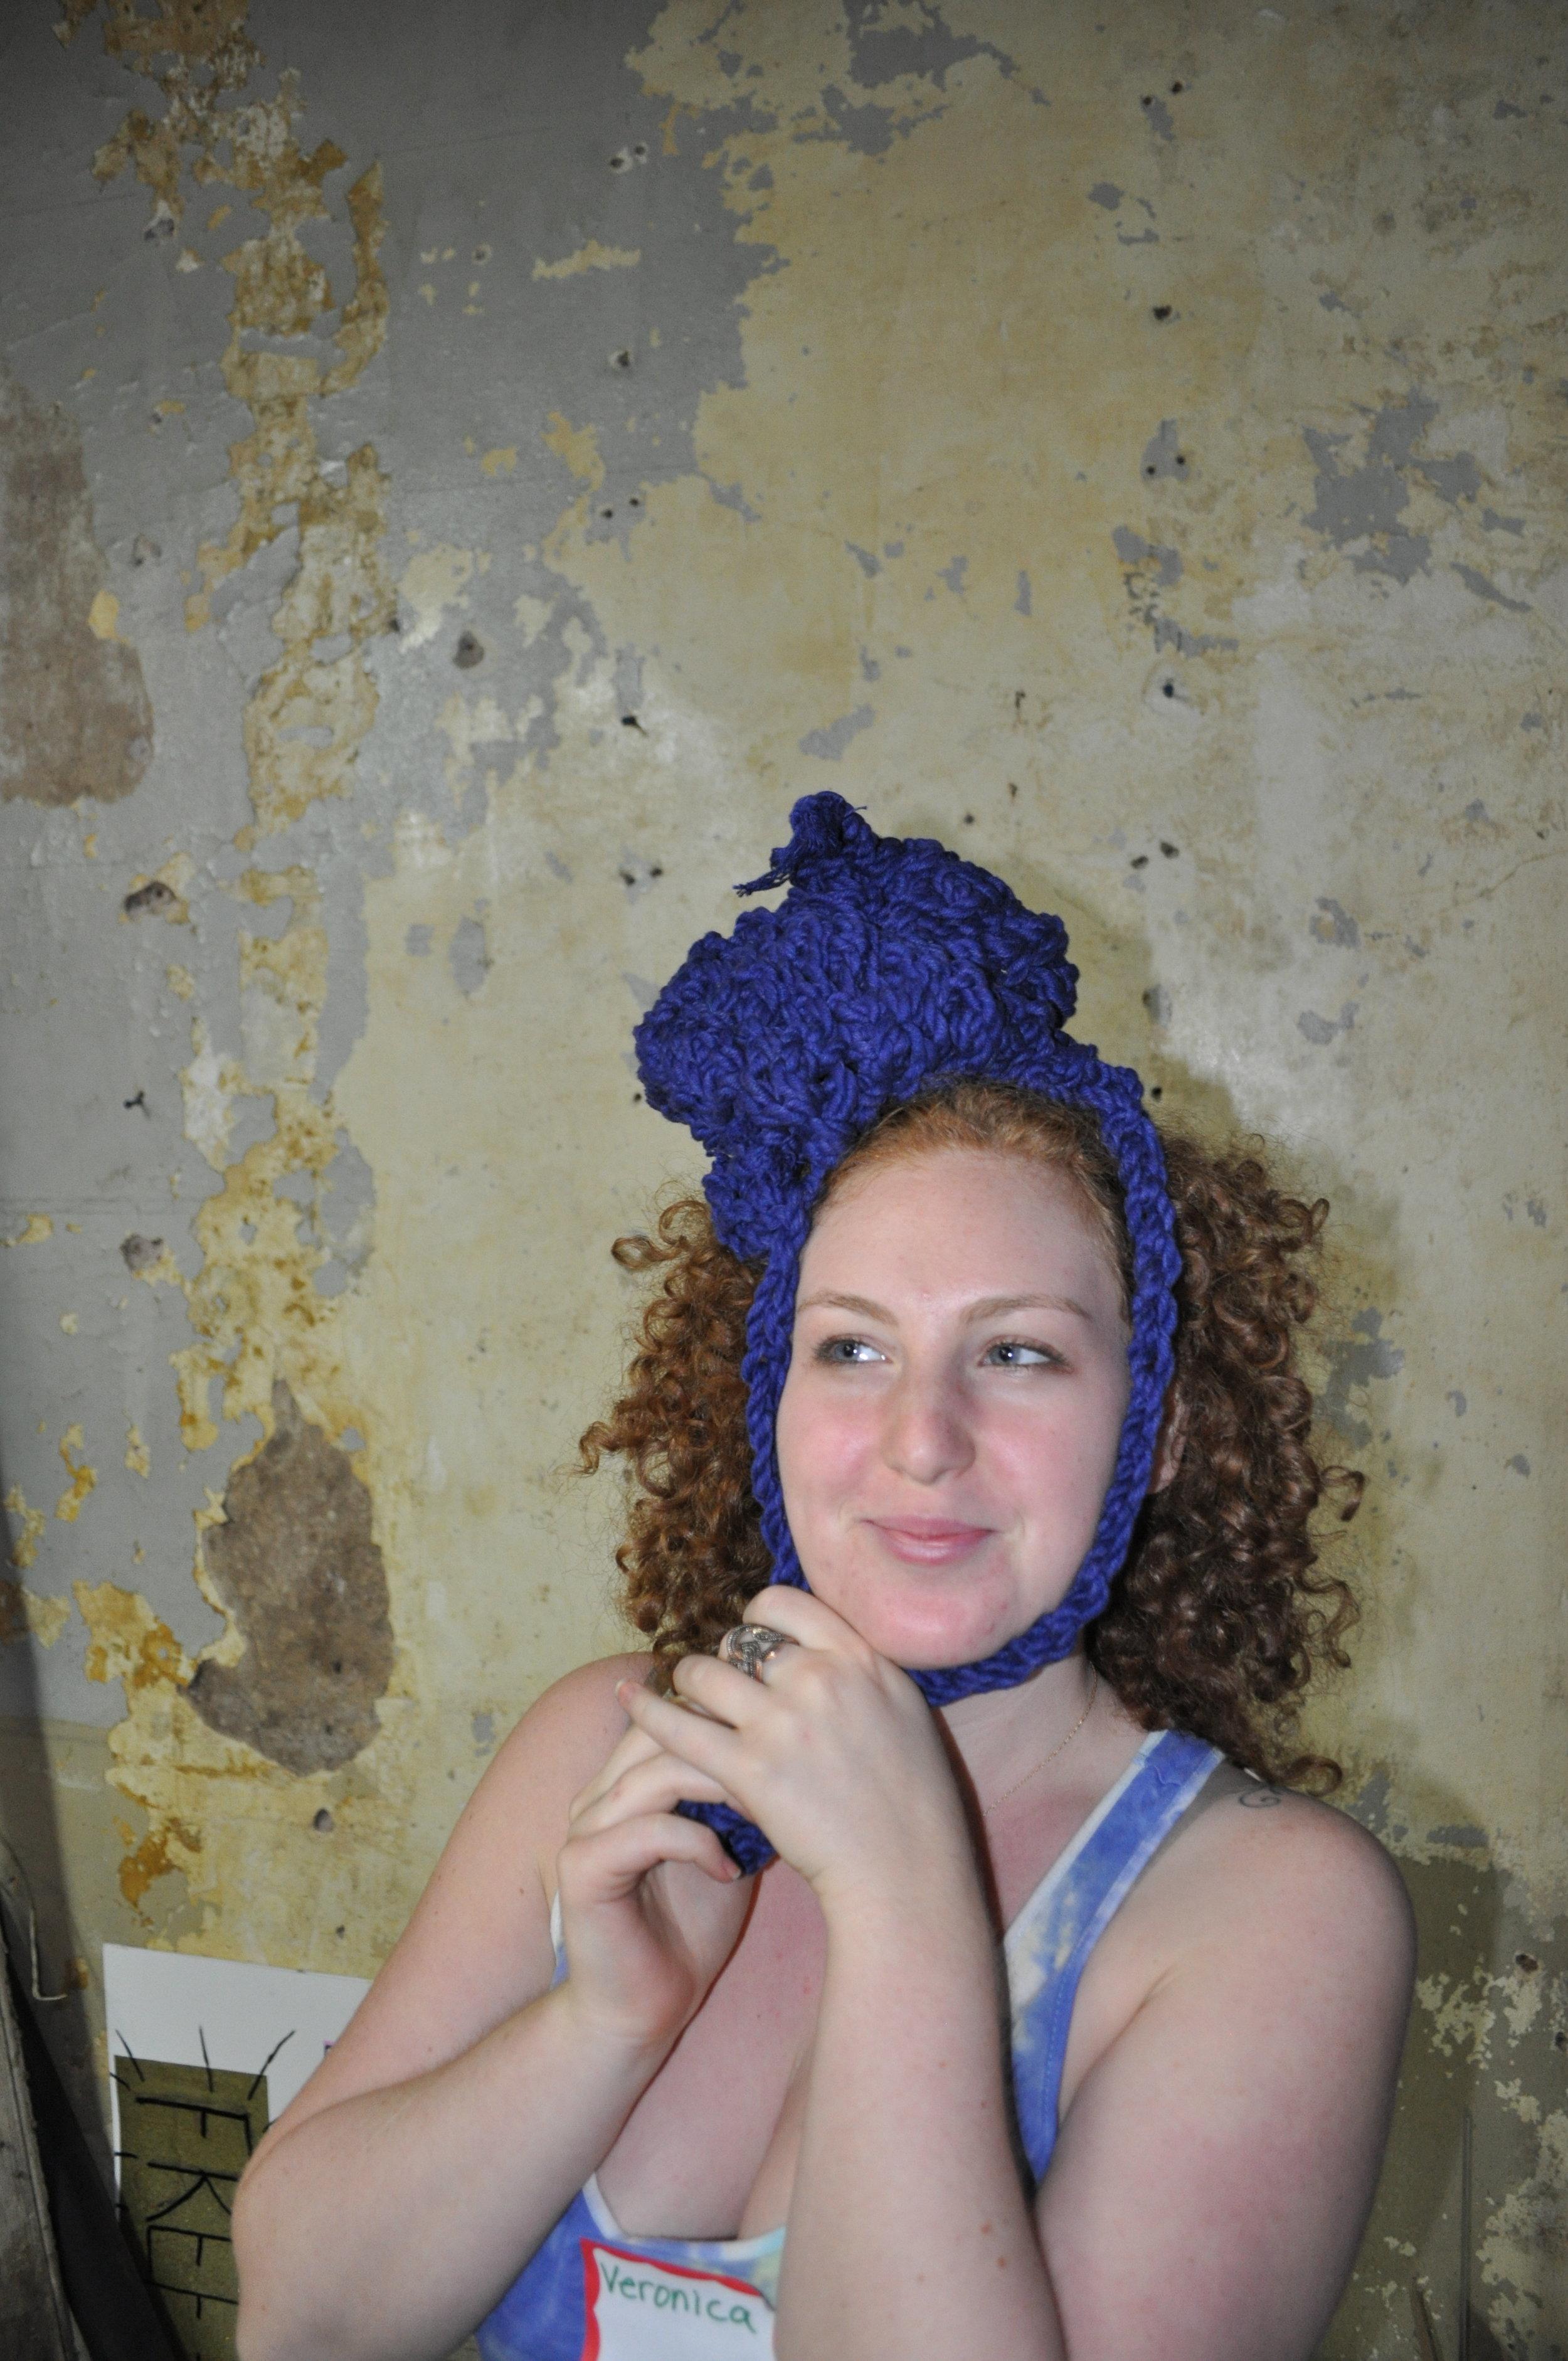 a-lovely-hat_5076682164_o.jpg